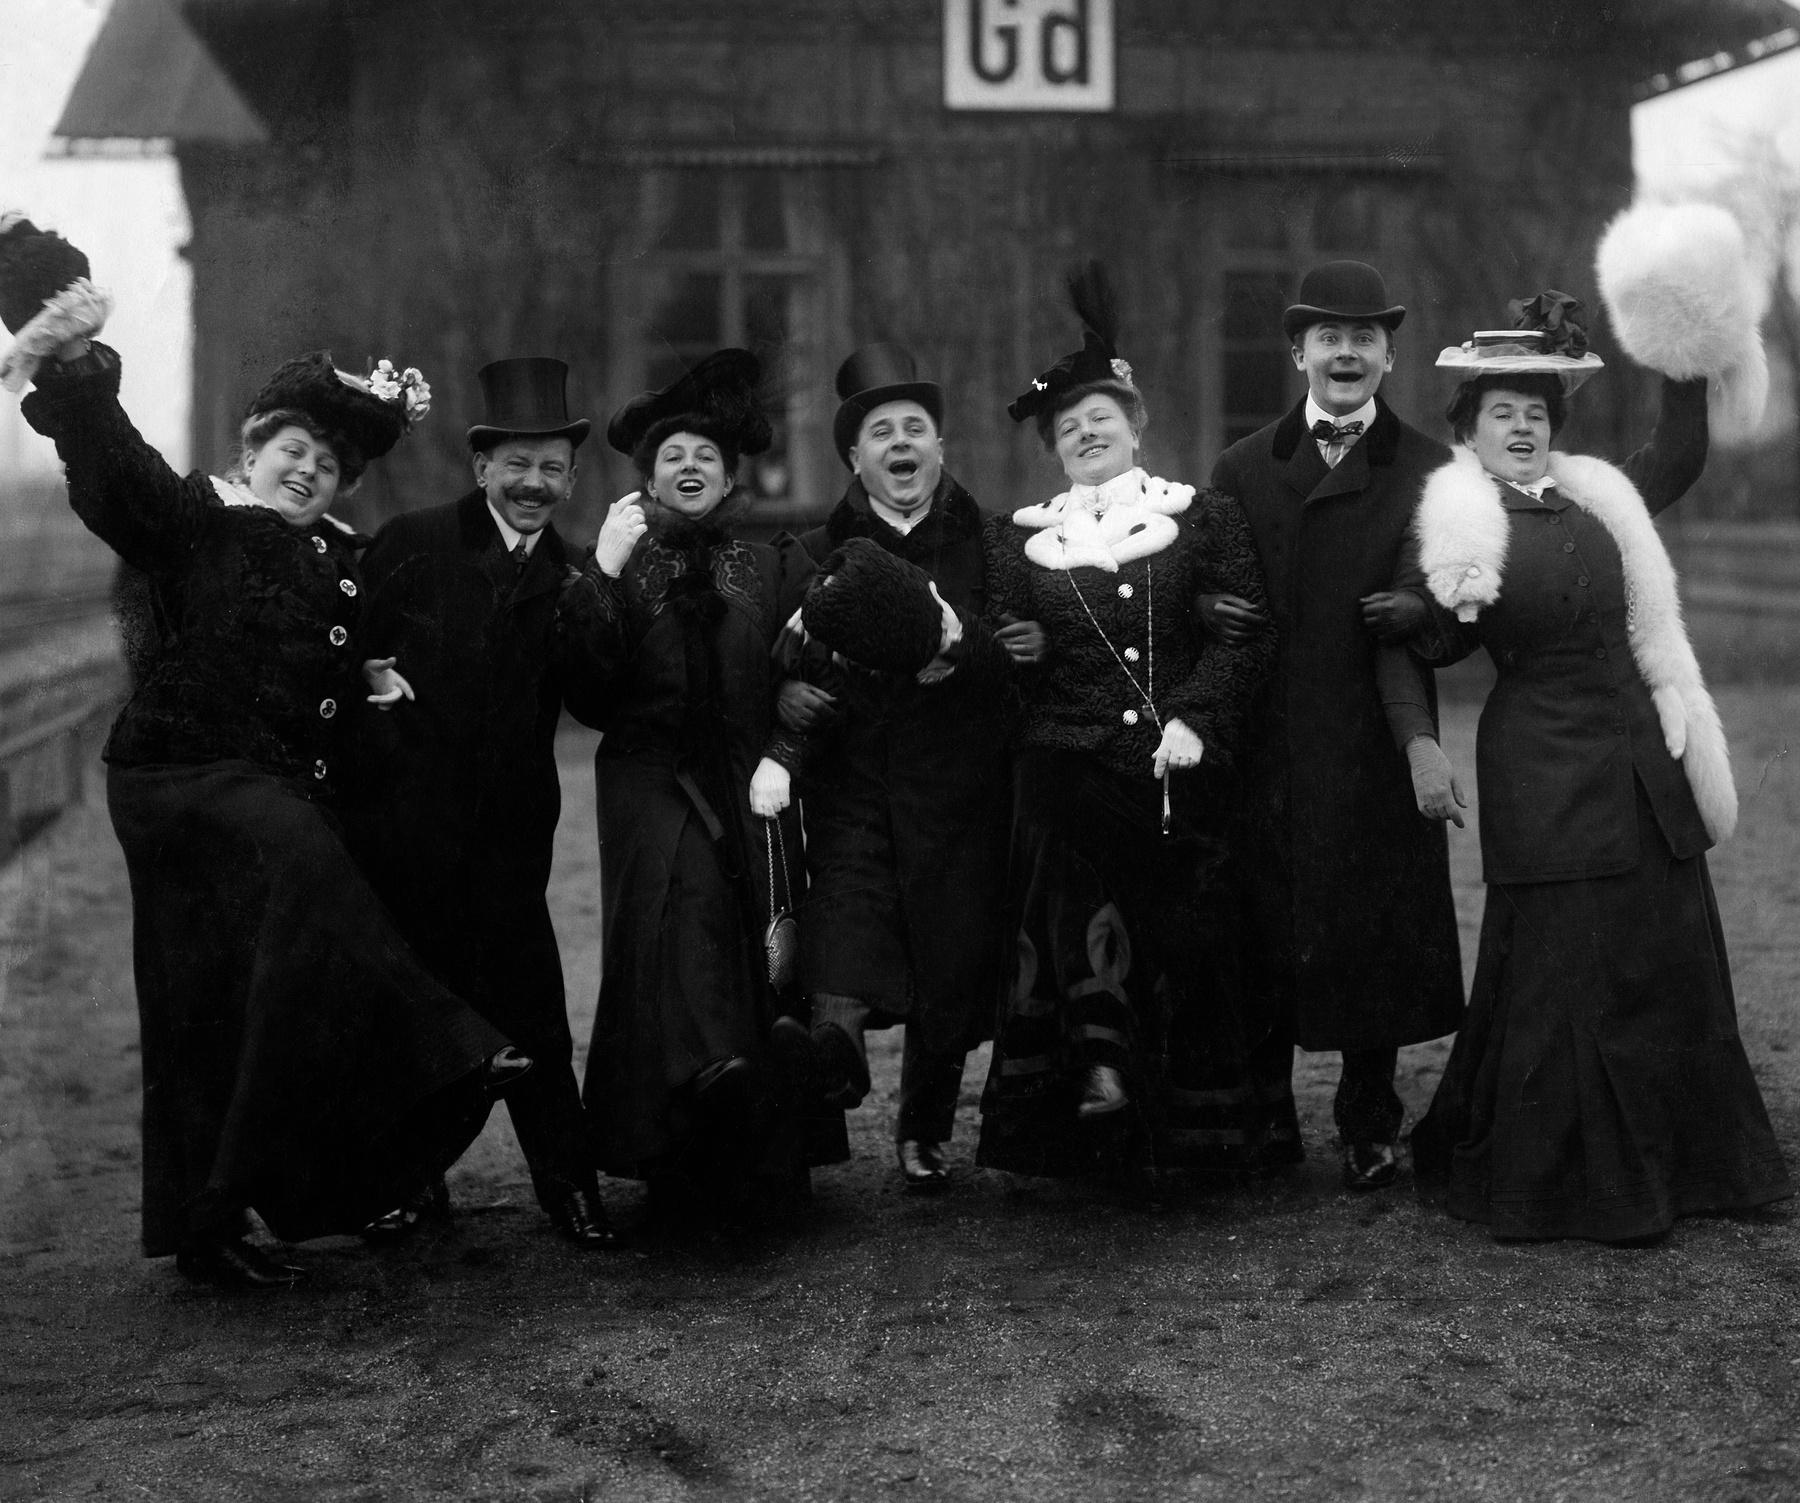 1906. Актер Ида Перри вместе с (слева направо) актерами Арнольдом Риком, мисс Тилшер, ее мужем Гвидо Тильшером, Мартой Глюк, Робертом Стейдлом и Эльз…